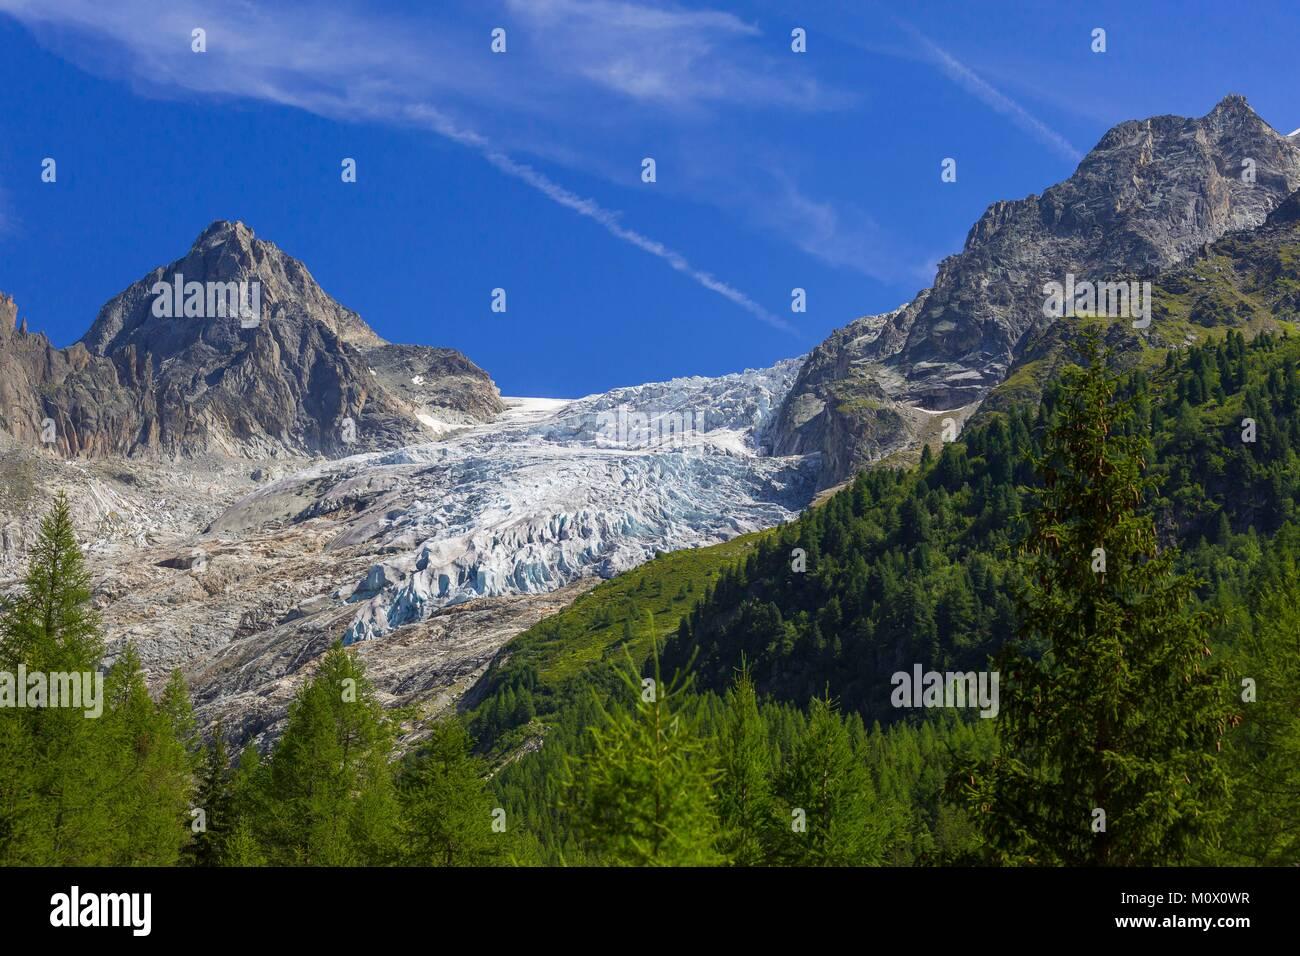 Schweiz, Wallis, Trient, Trient Gletscher, Mont-Blanc Massiv Stockbild